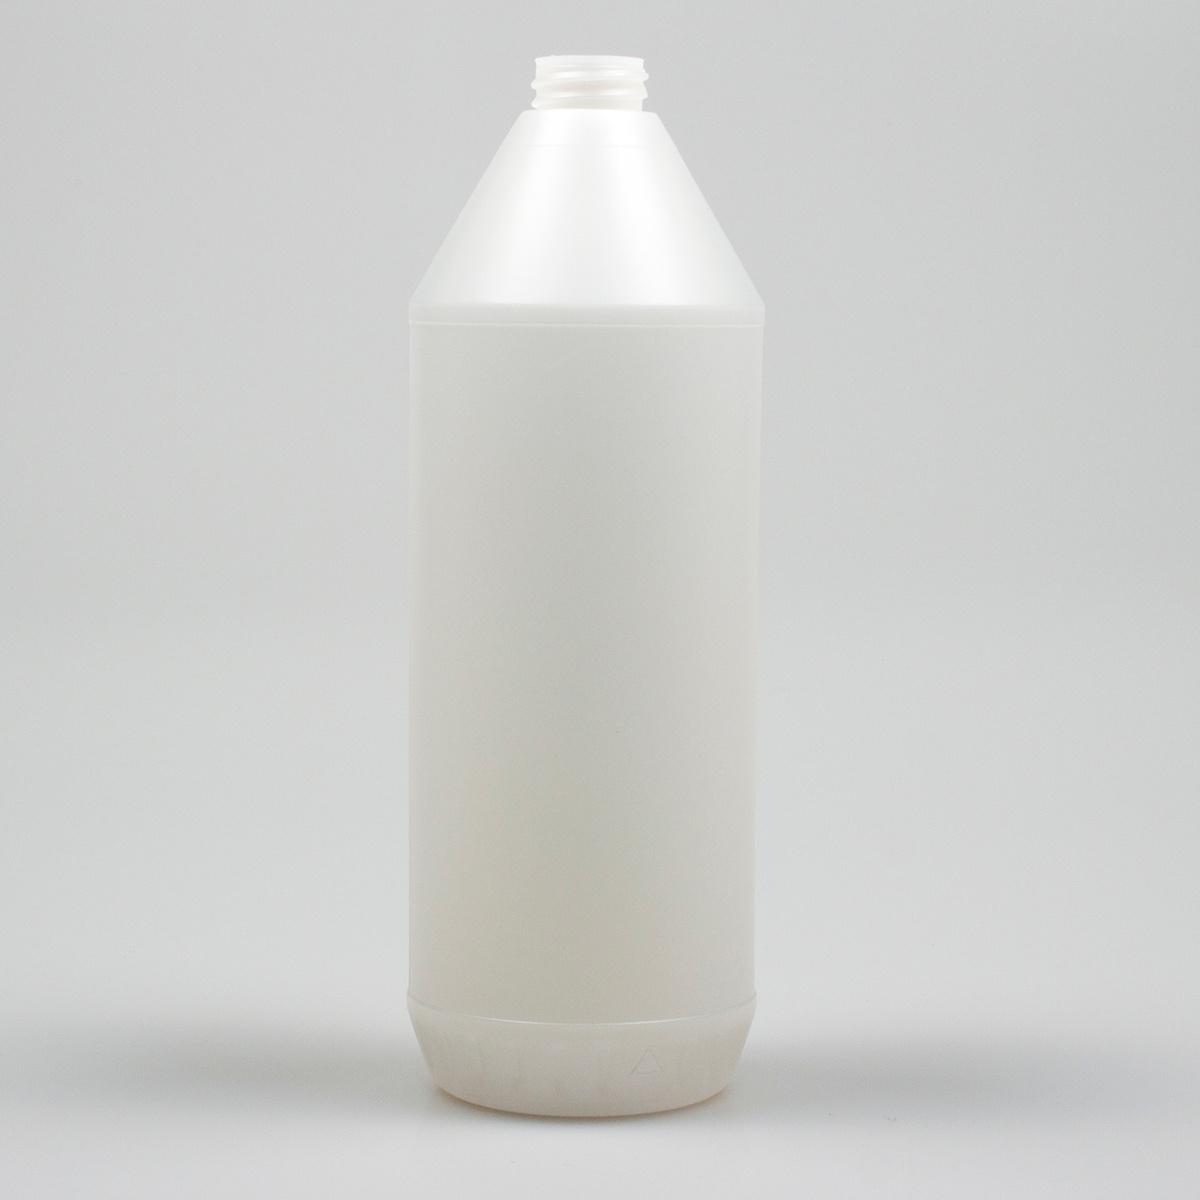 DW Schaumkanone Gardena-Anschluss 1000 ml Schaumsprüher Schauminjektor + Flasche 3